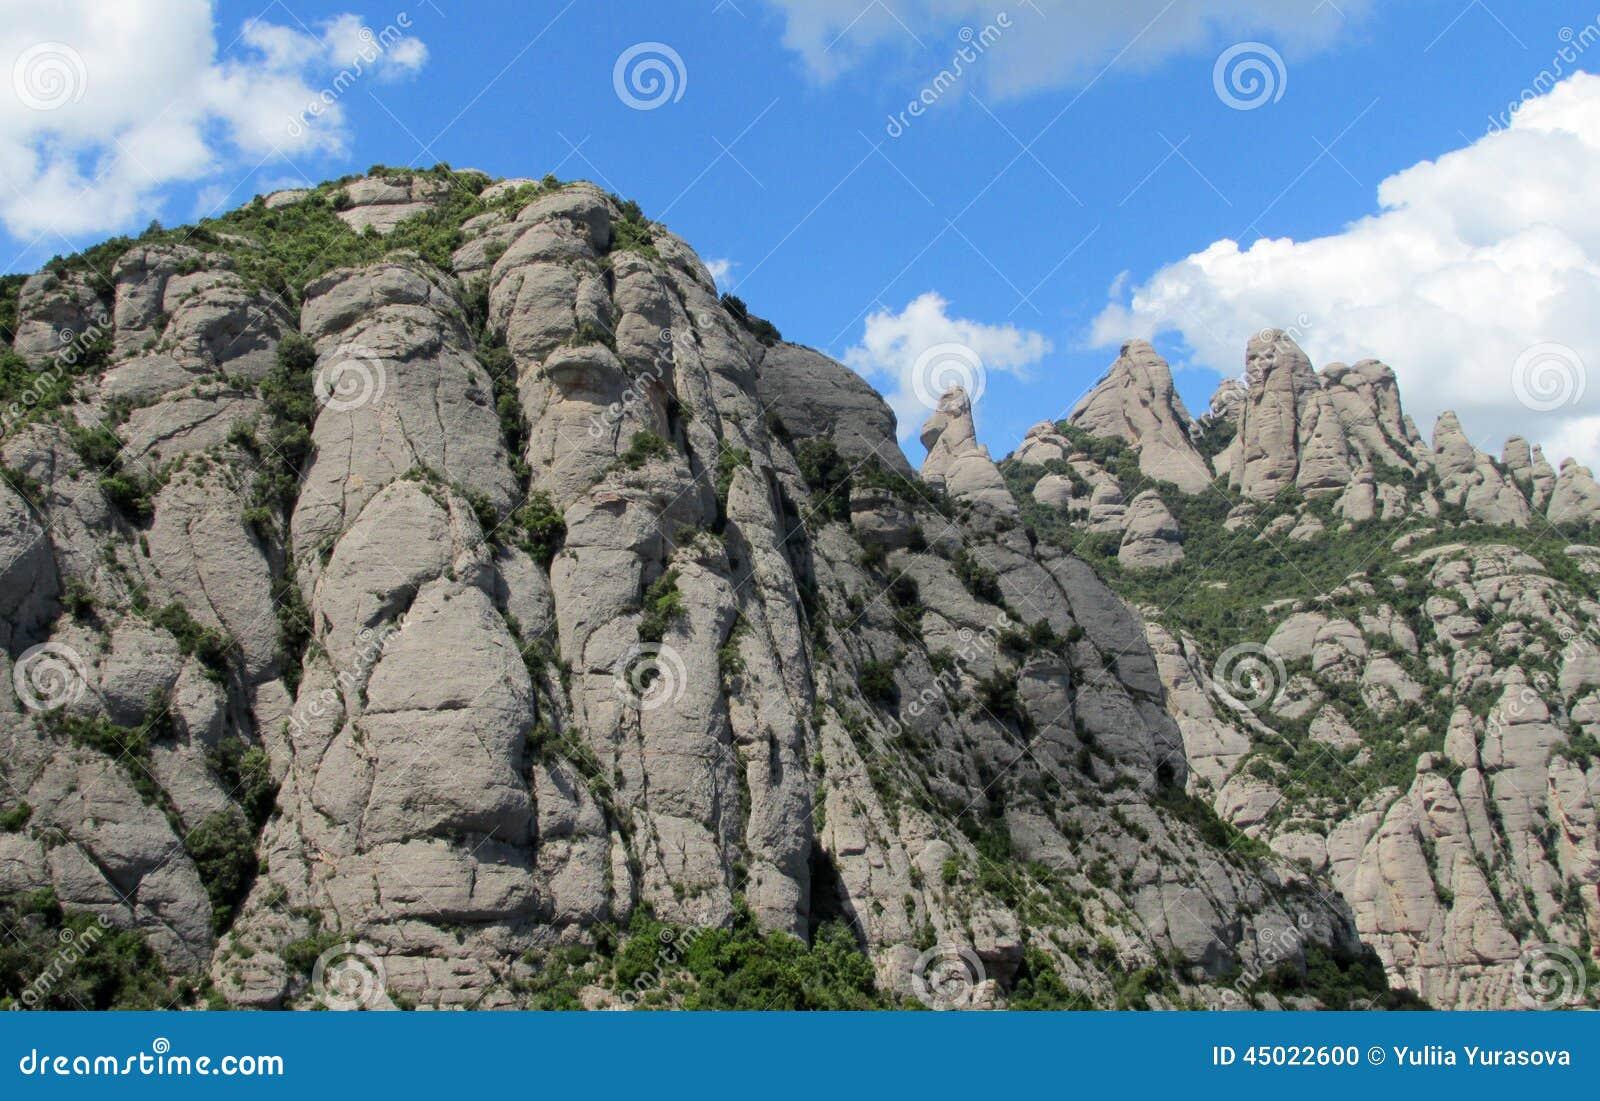 De mooie ongebruikelijke gestalte gegeven vormingen van de bergrots van Montserrat, Spanje